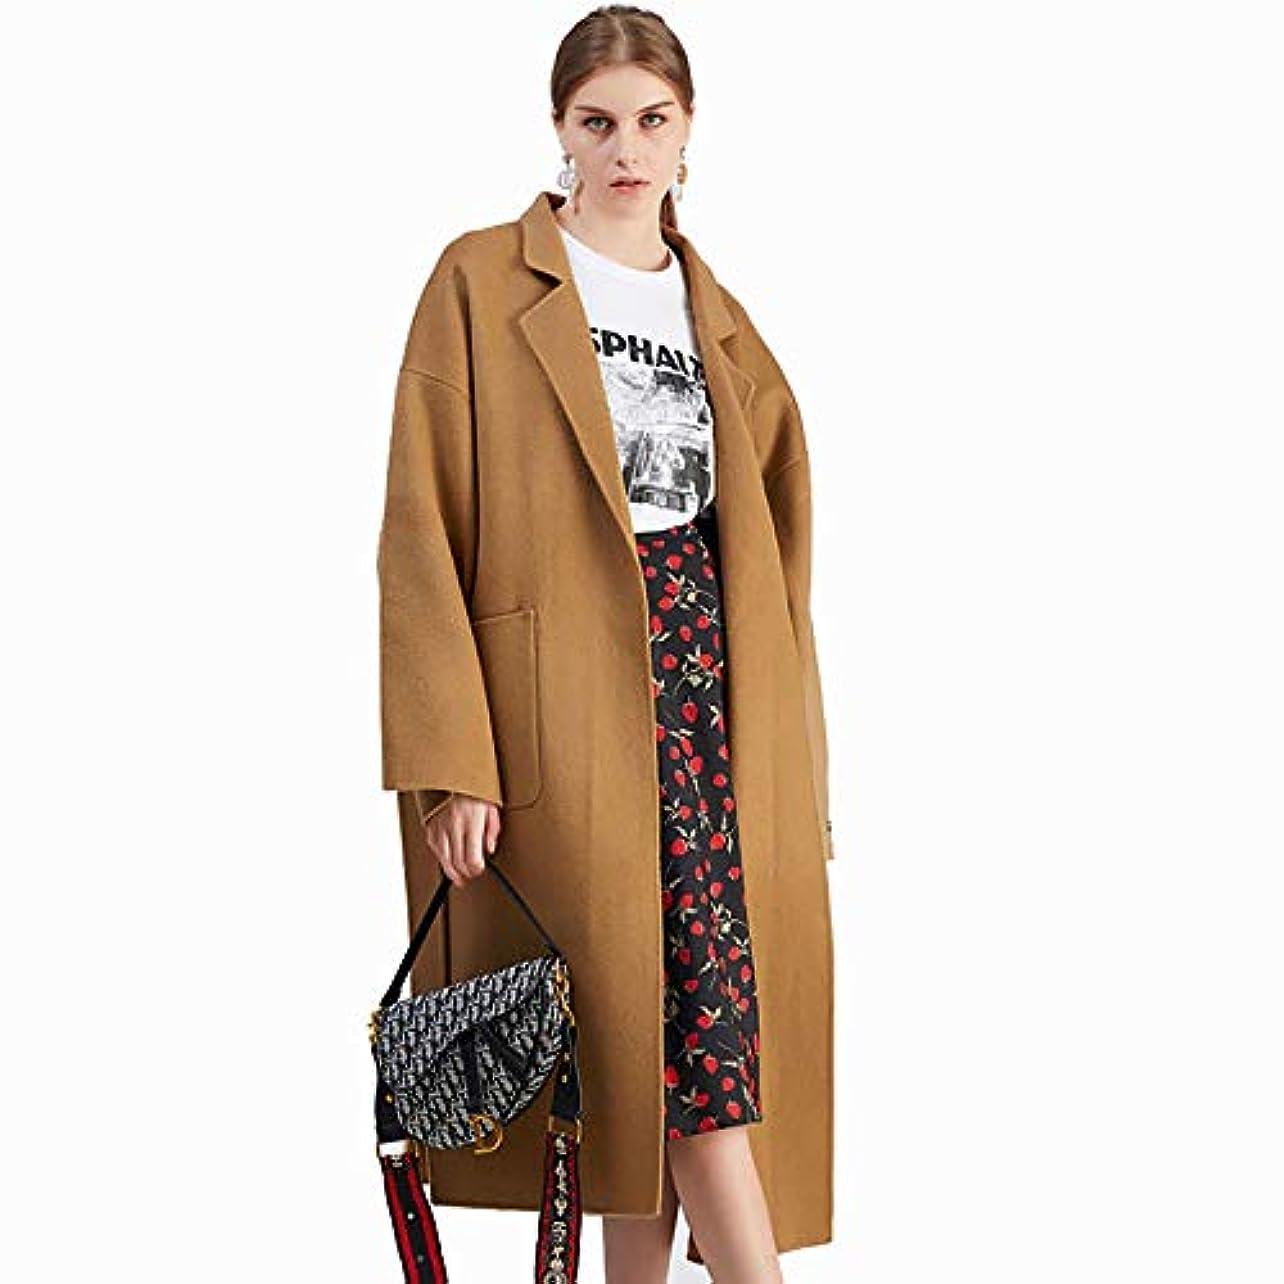 寄託有罪迷路ロングコート、秋と冬のカシミヤのコート、ロング両面のウールコート手作り婦人服レディースコートレディースウインドブレーカージャケット